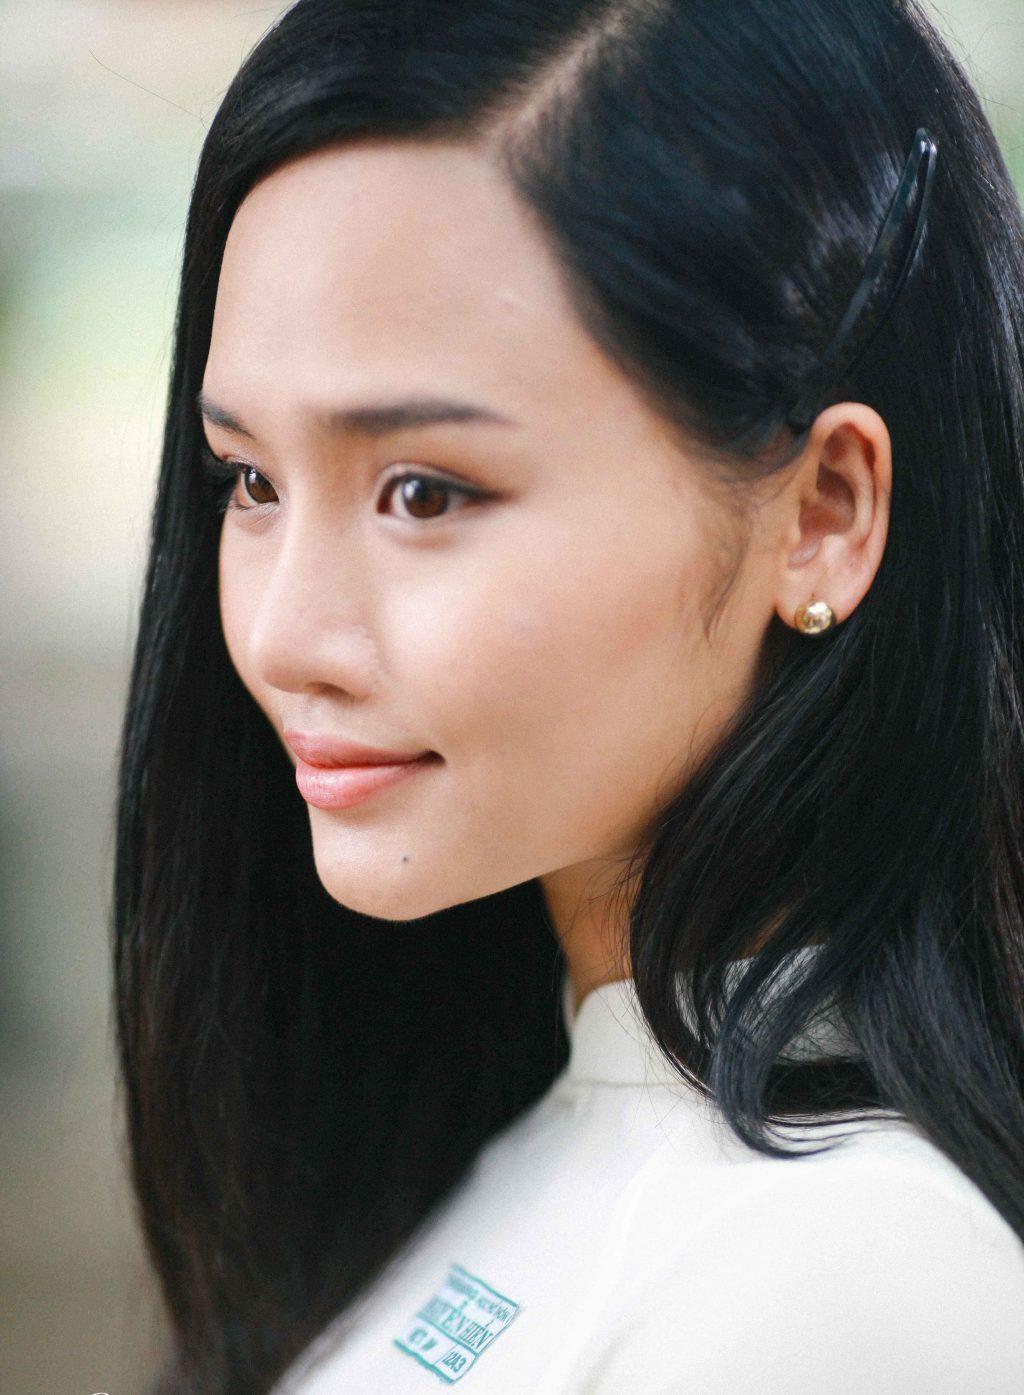 Nữ diễn viên Miu Lê trong tạo hình nhân vật nữ sinh của những năm 90 gây nhiều tranh cãi.